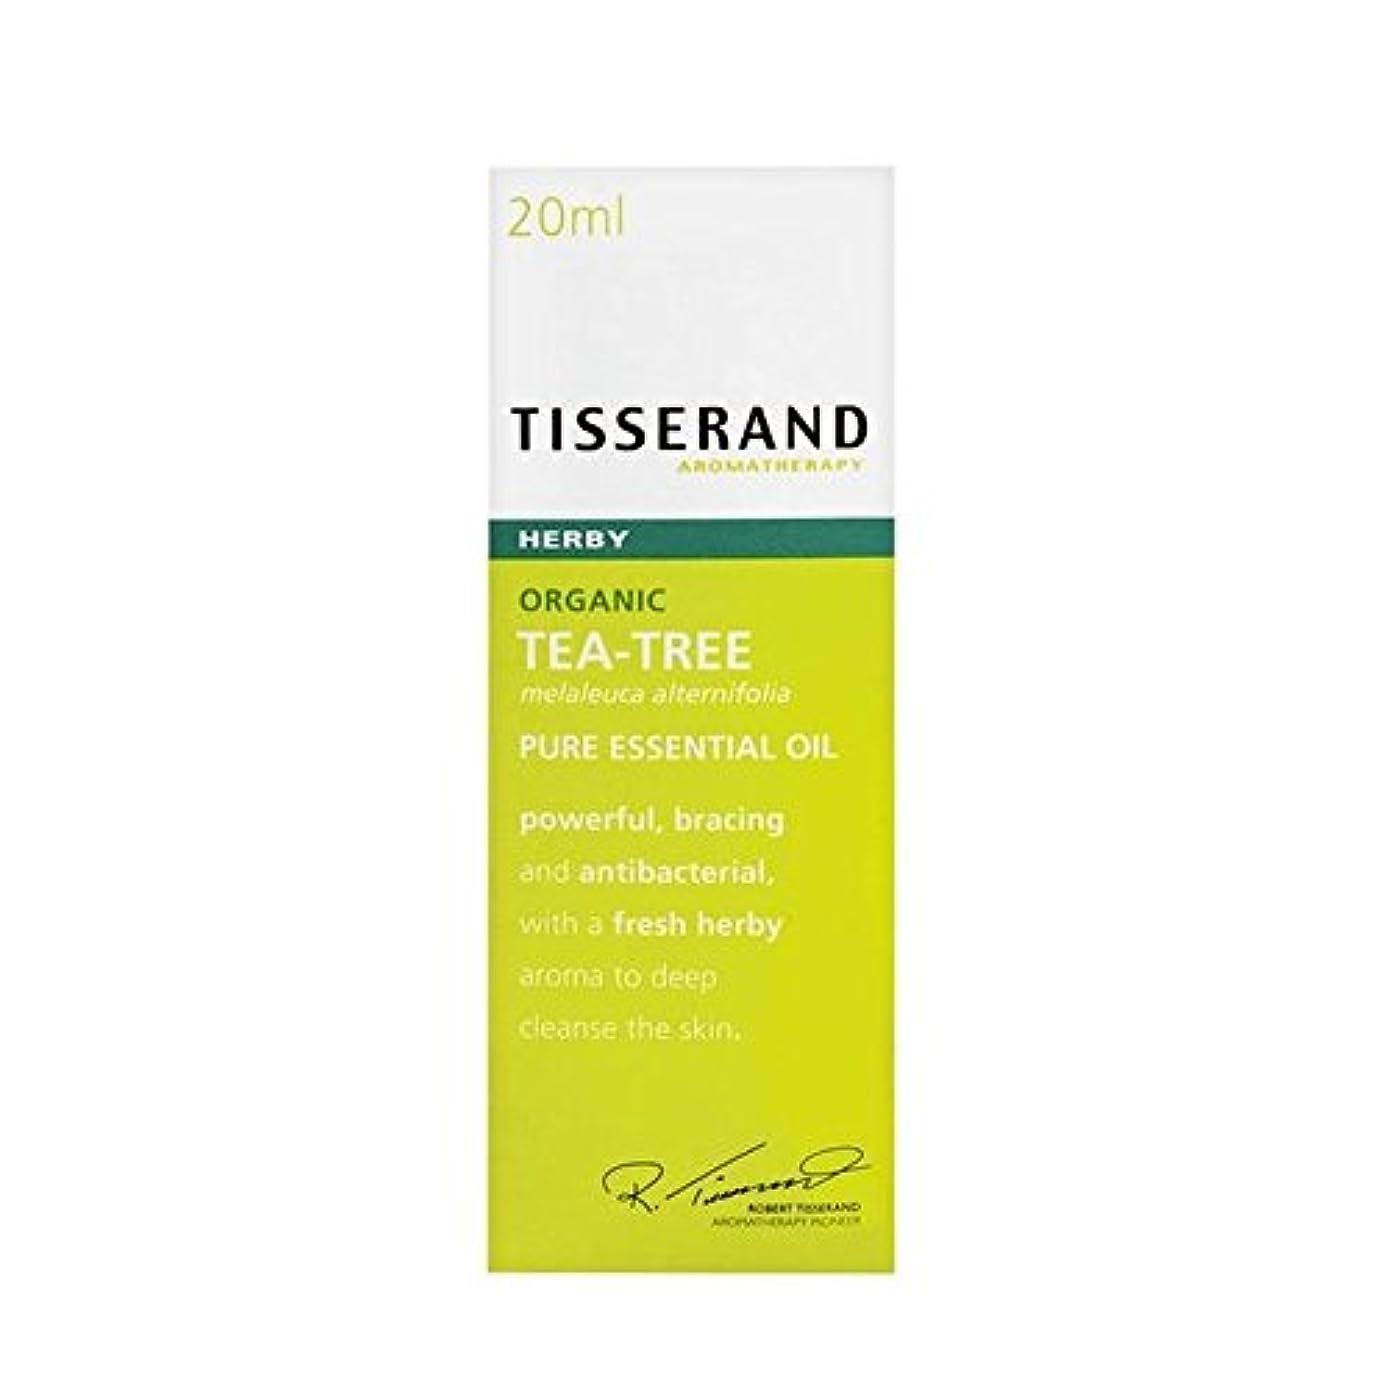 ひも依存パスTisserand Tea Tree Organic Pure Essential Oil 20ml (Pack of 6) - ティスランドティーツリーオーガニックピュアエッセンシャルオイル20ミリリットル x6 [並行輸入品]